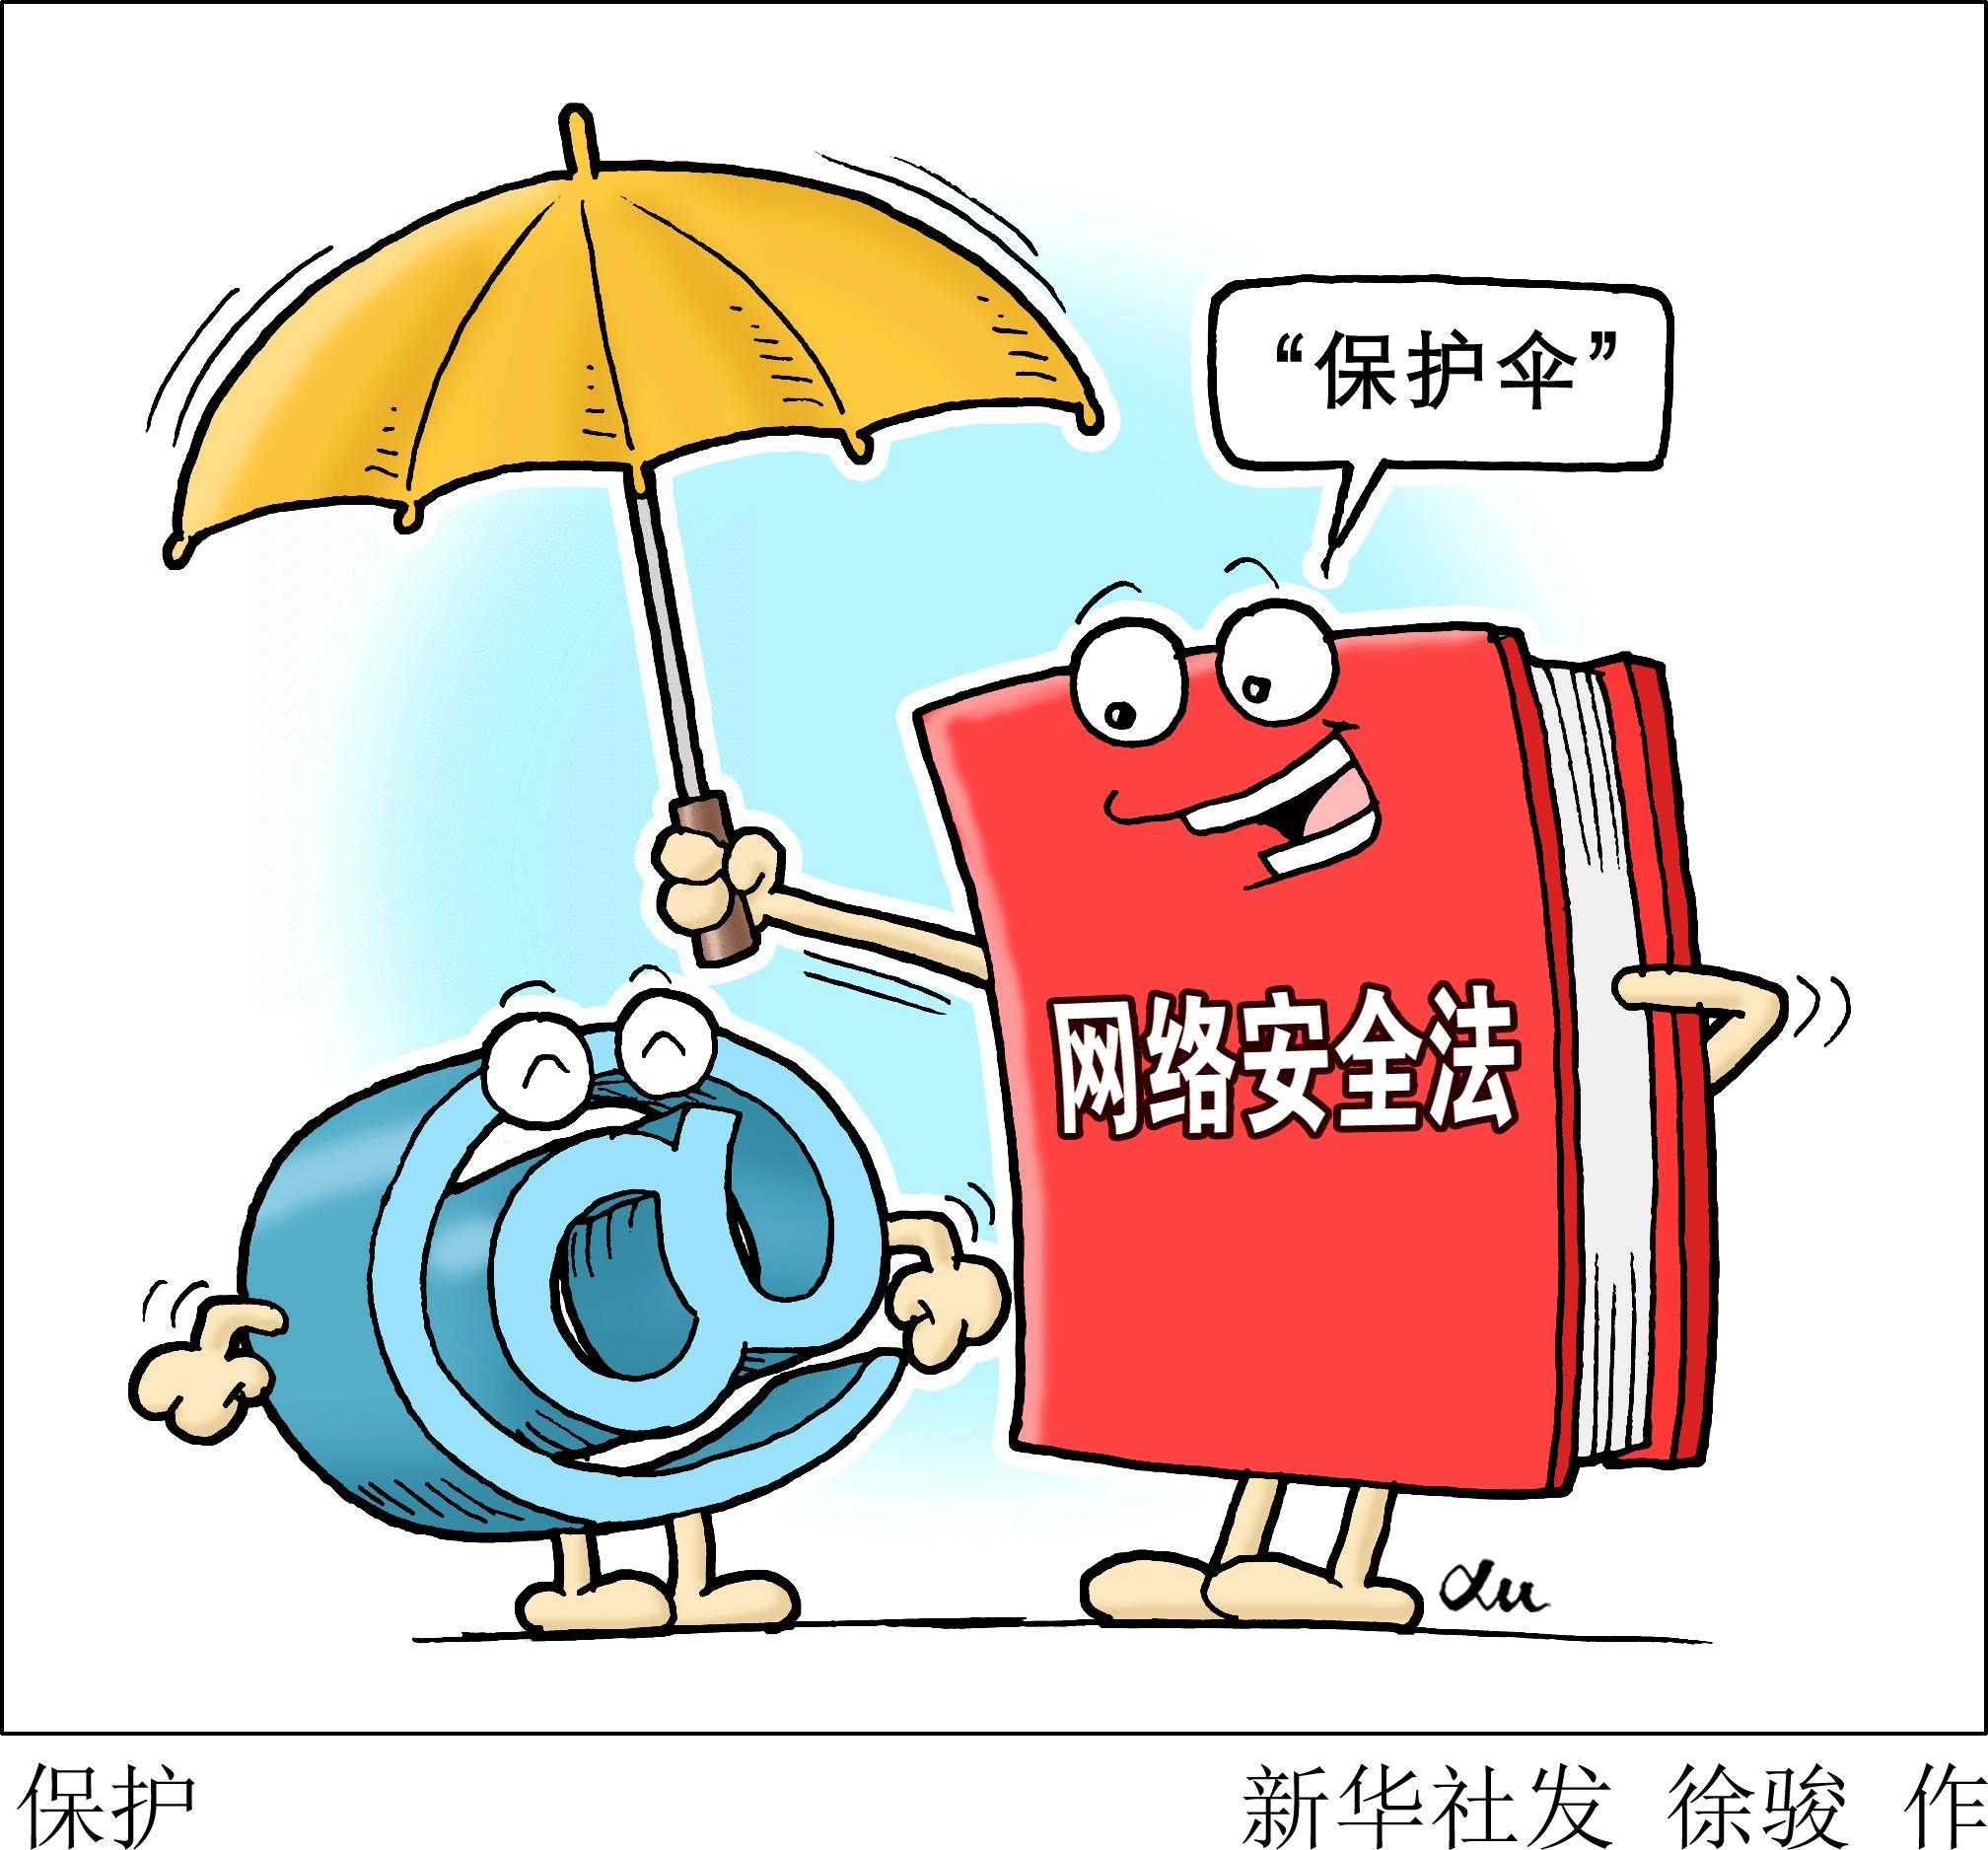 漫画:保护。11月7日,十二届全国人大常委会第二十四次会议表决通过了《中华人民共和国网络安全法》。(新华社发,徐骏作)